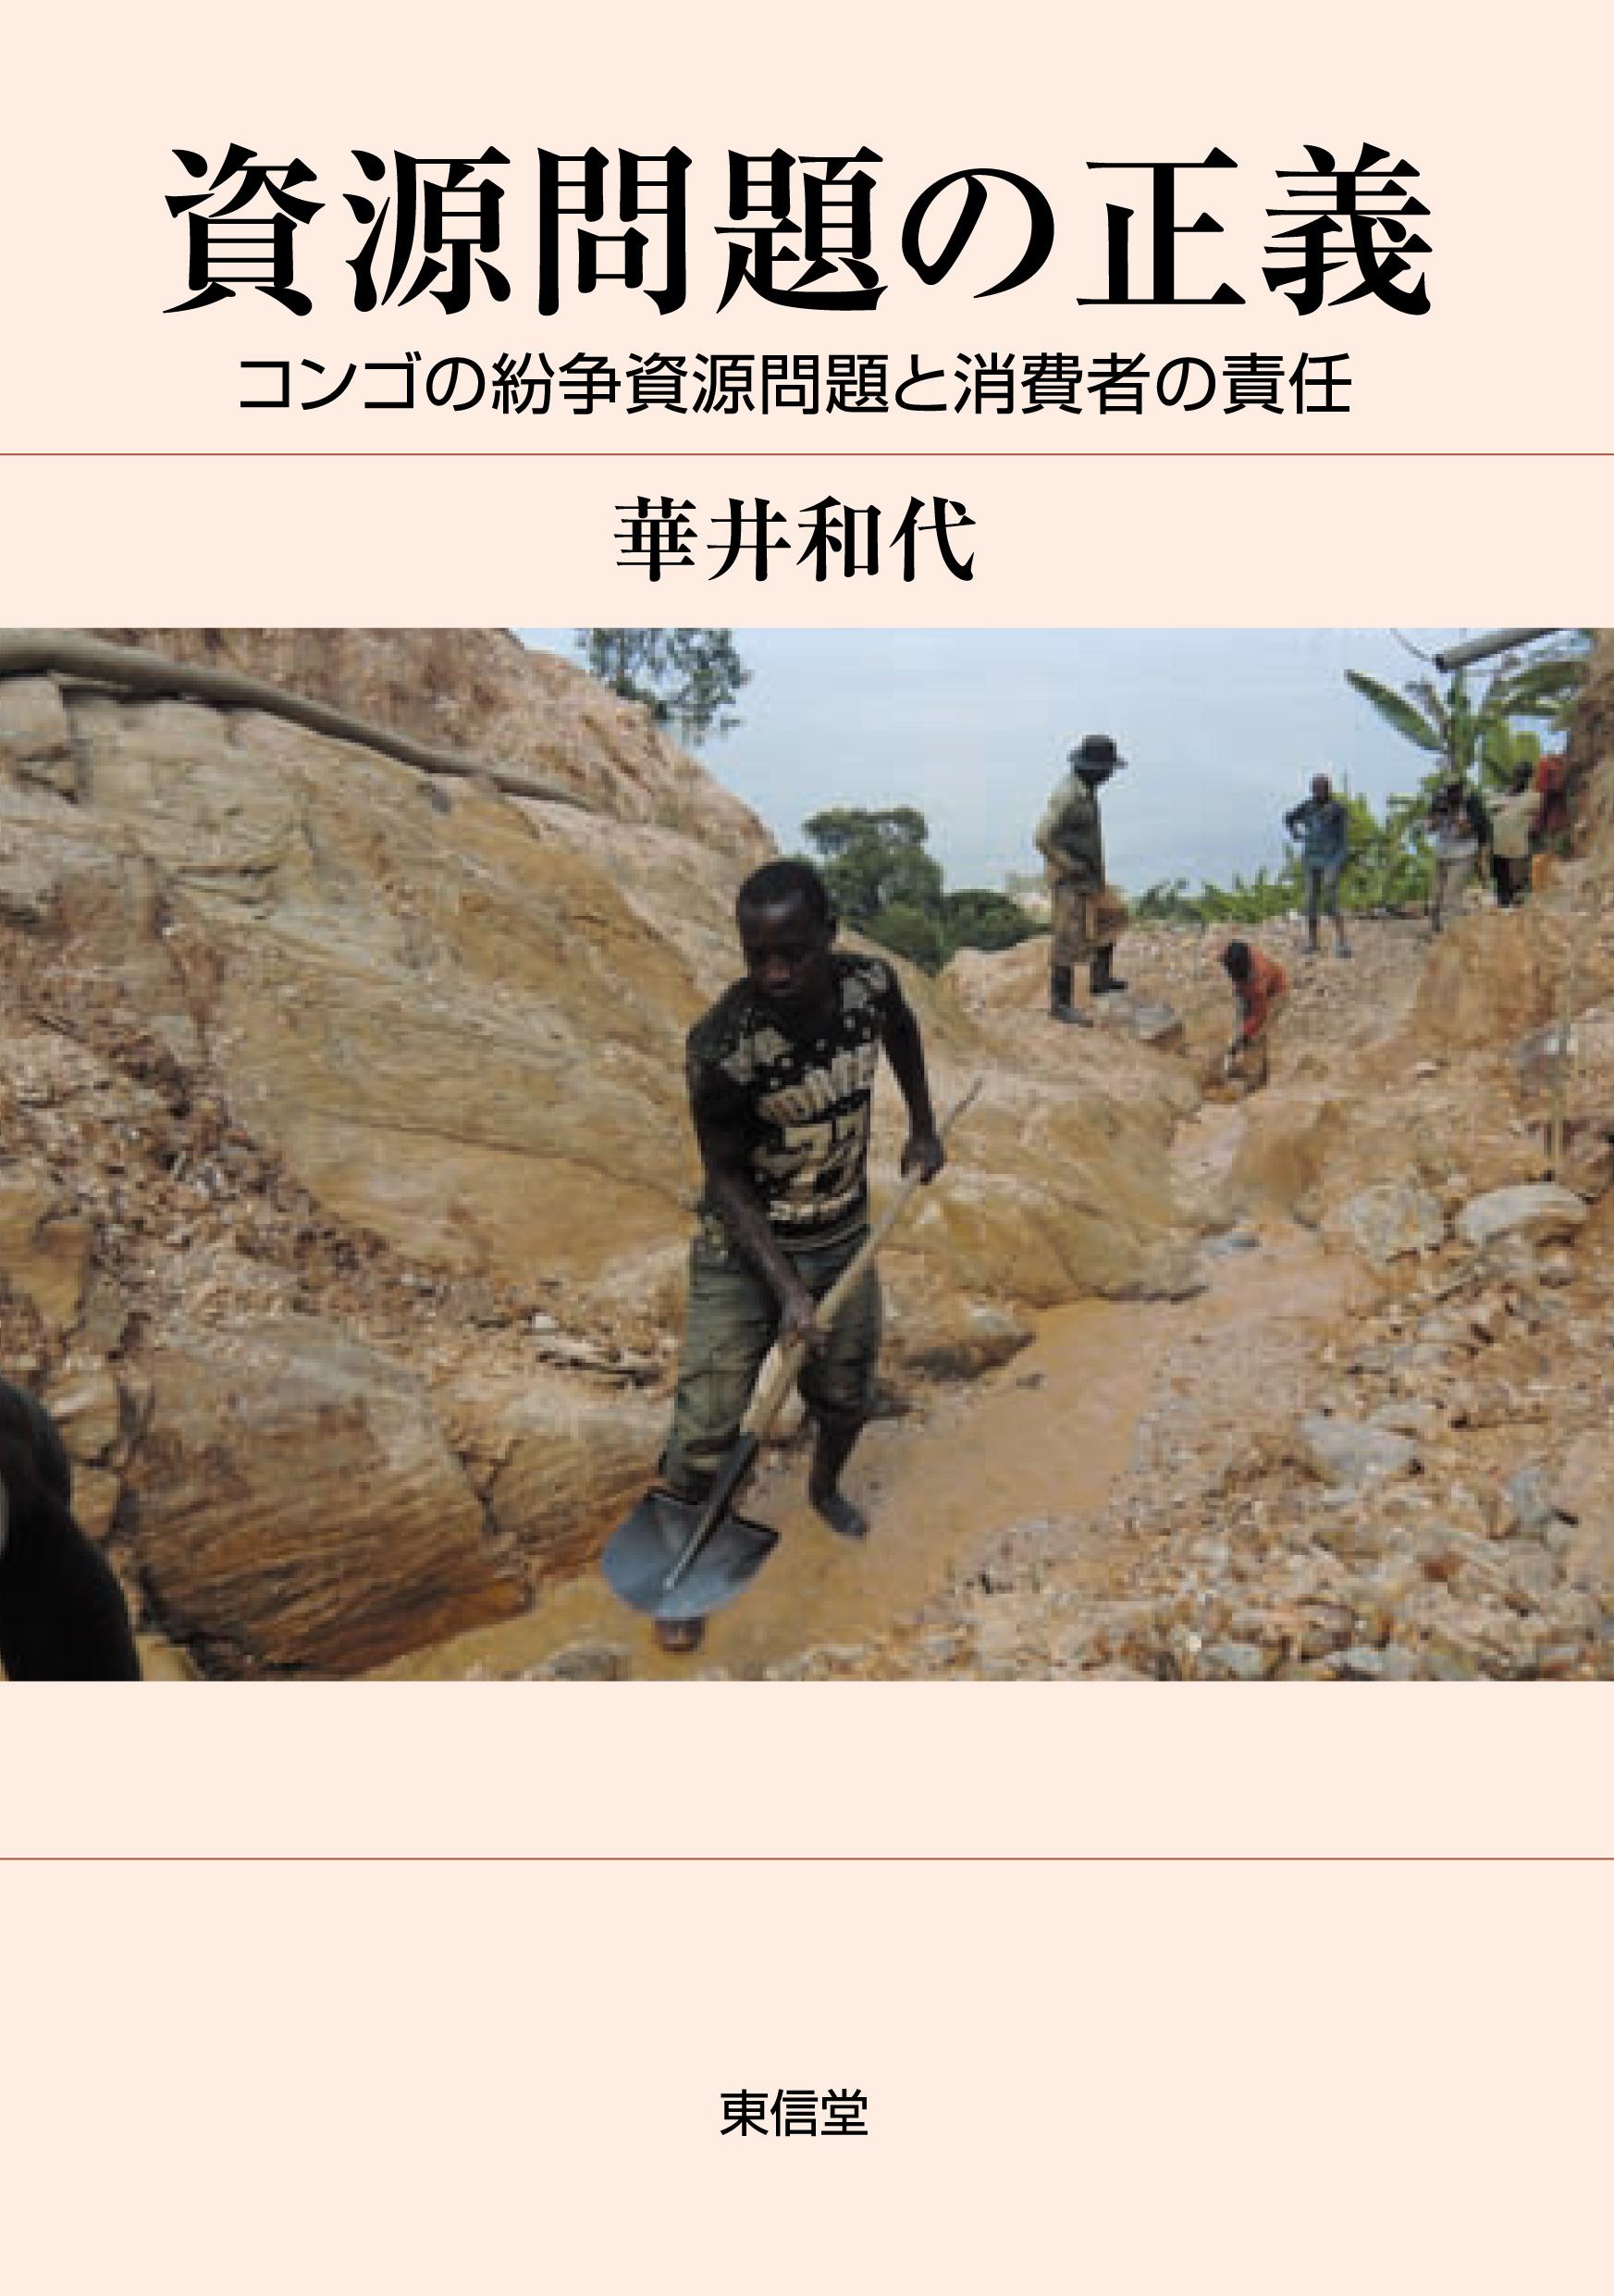 薄ピンクの表紙にコンゴ人たちの労働作業写真